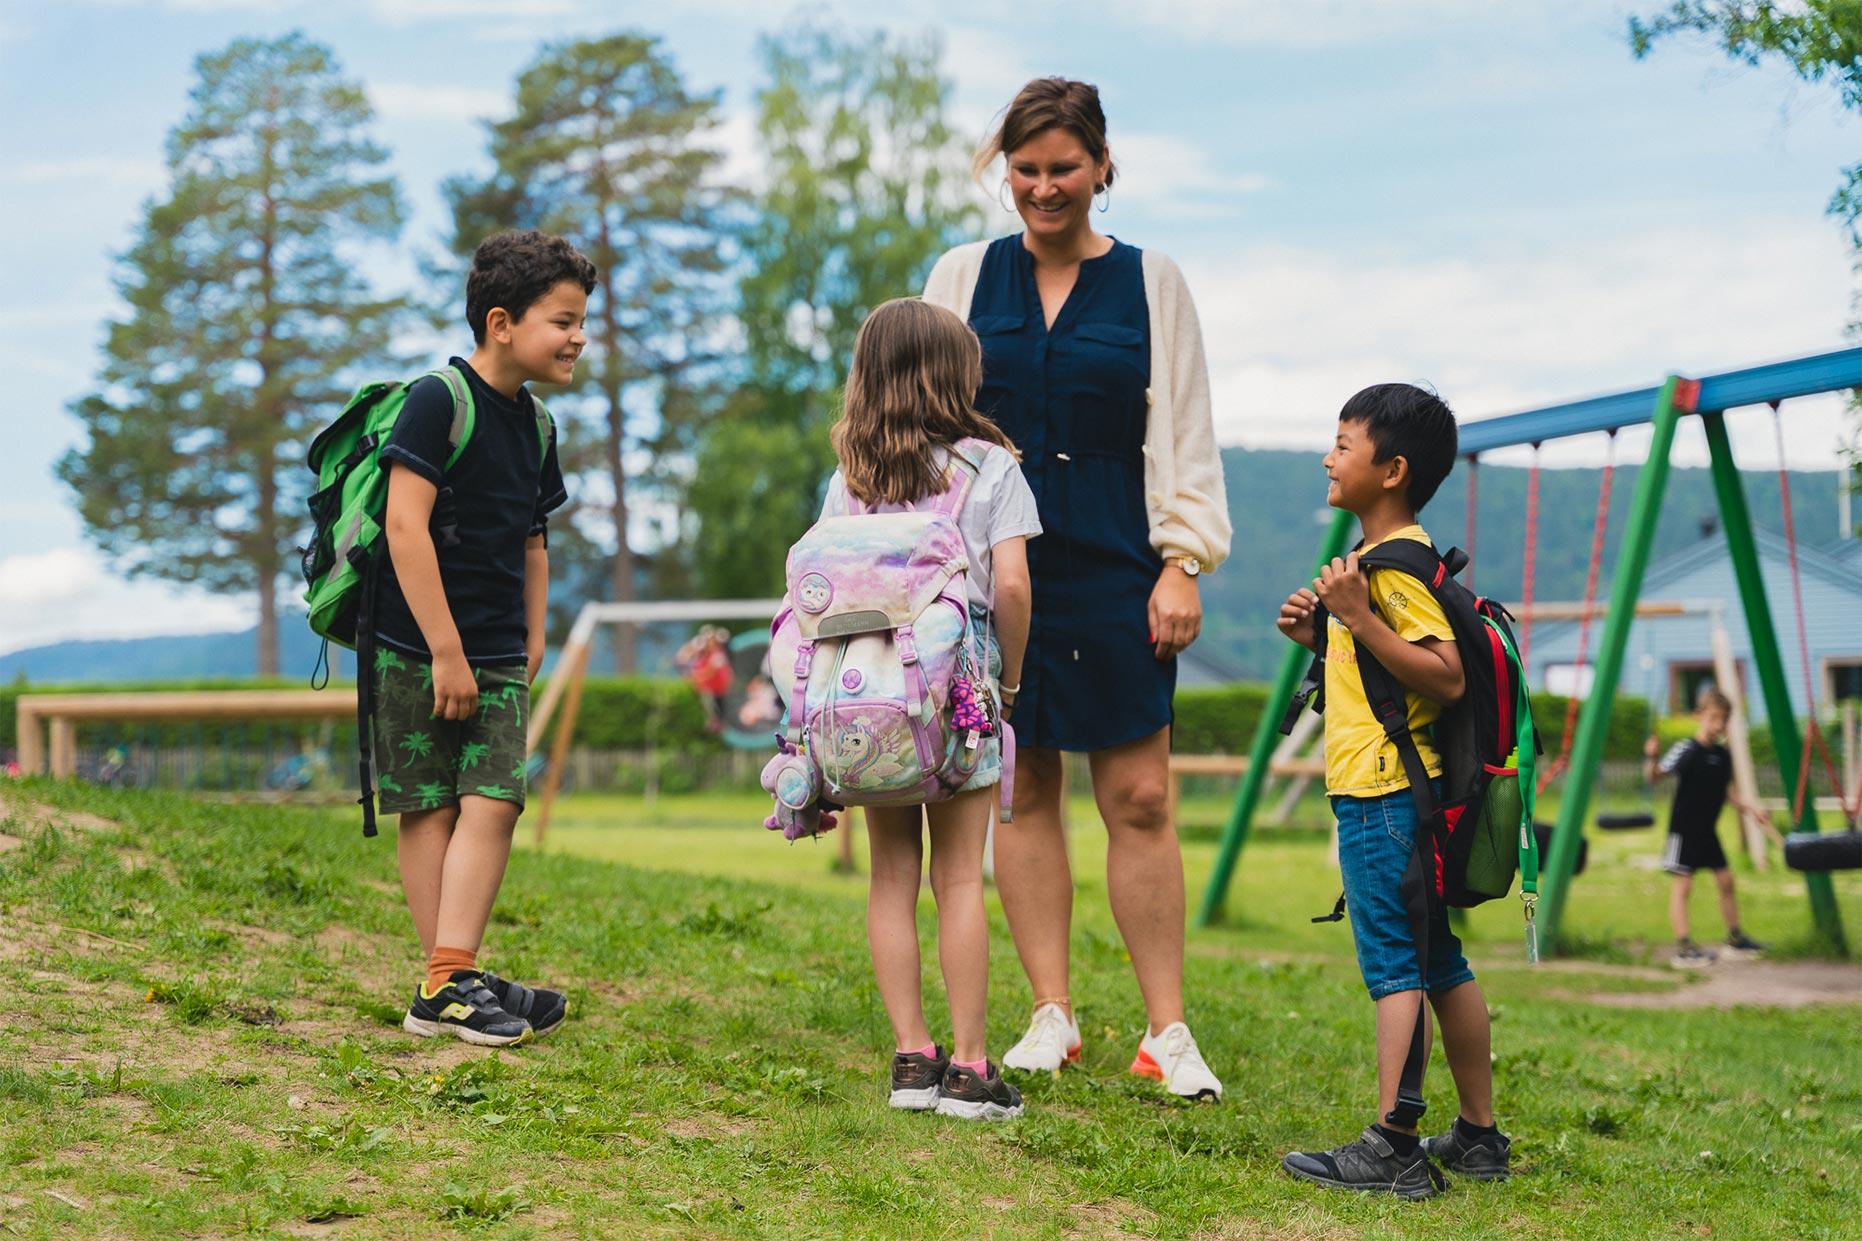 Hva kjennetegner evnerike barn og hvordan kan vi møte dem?